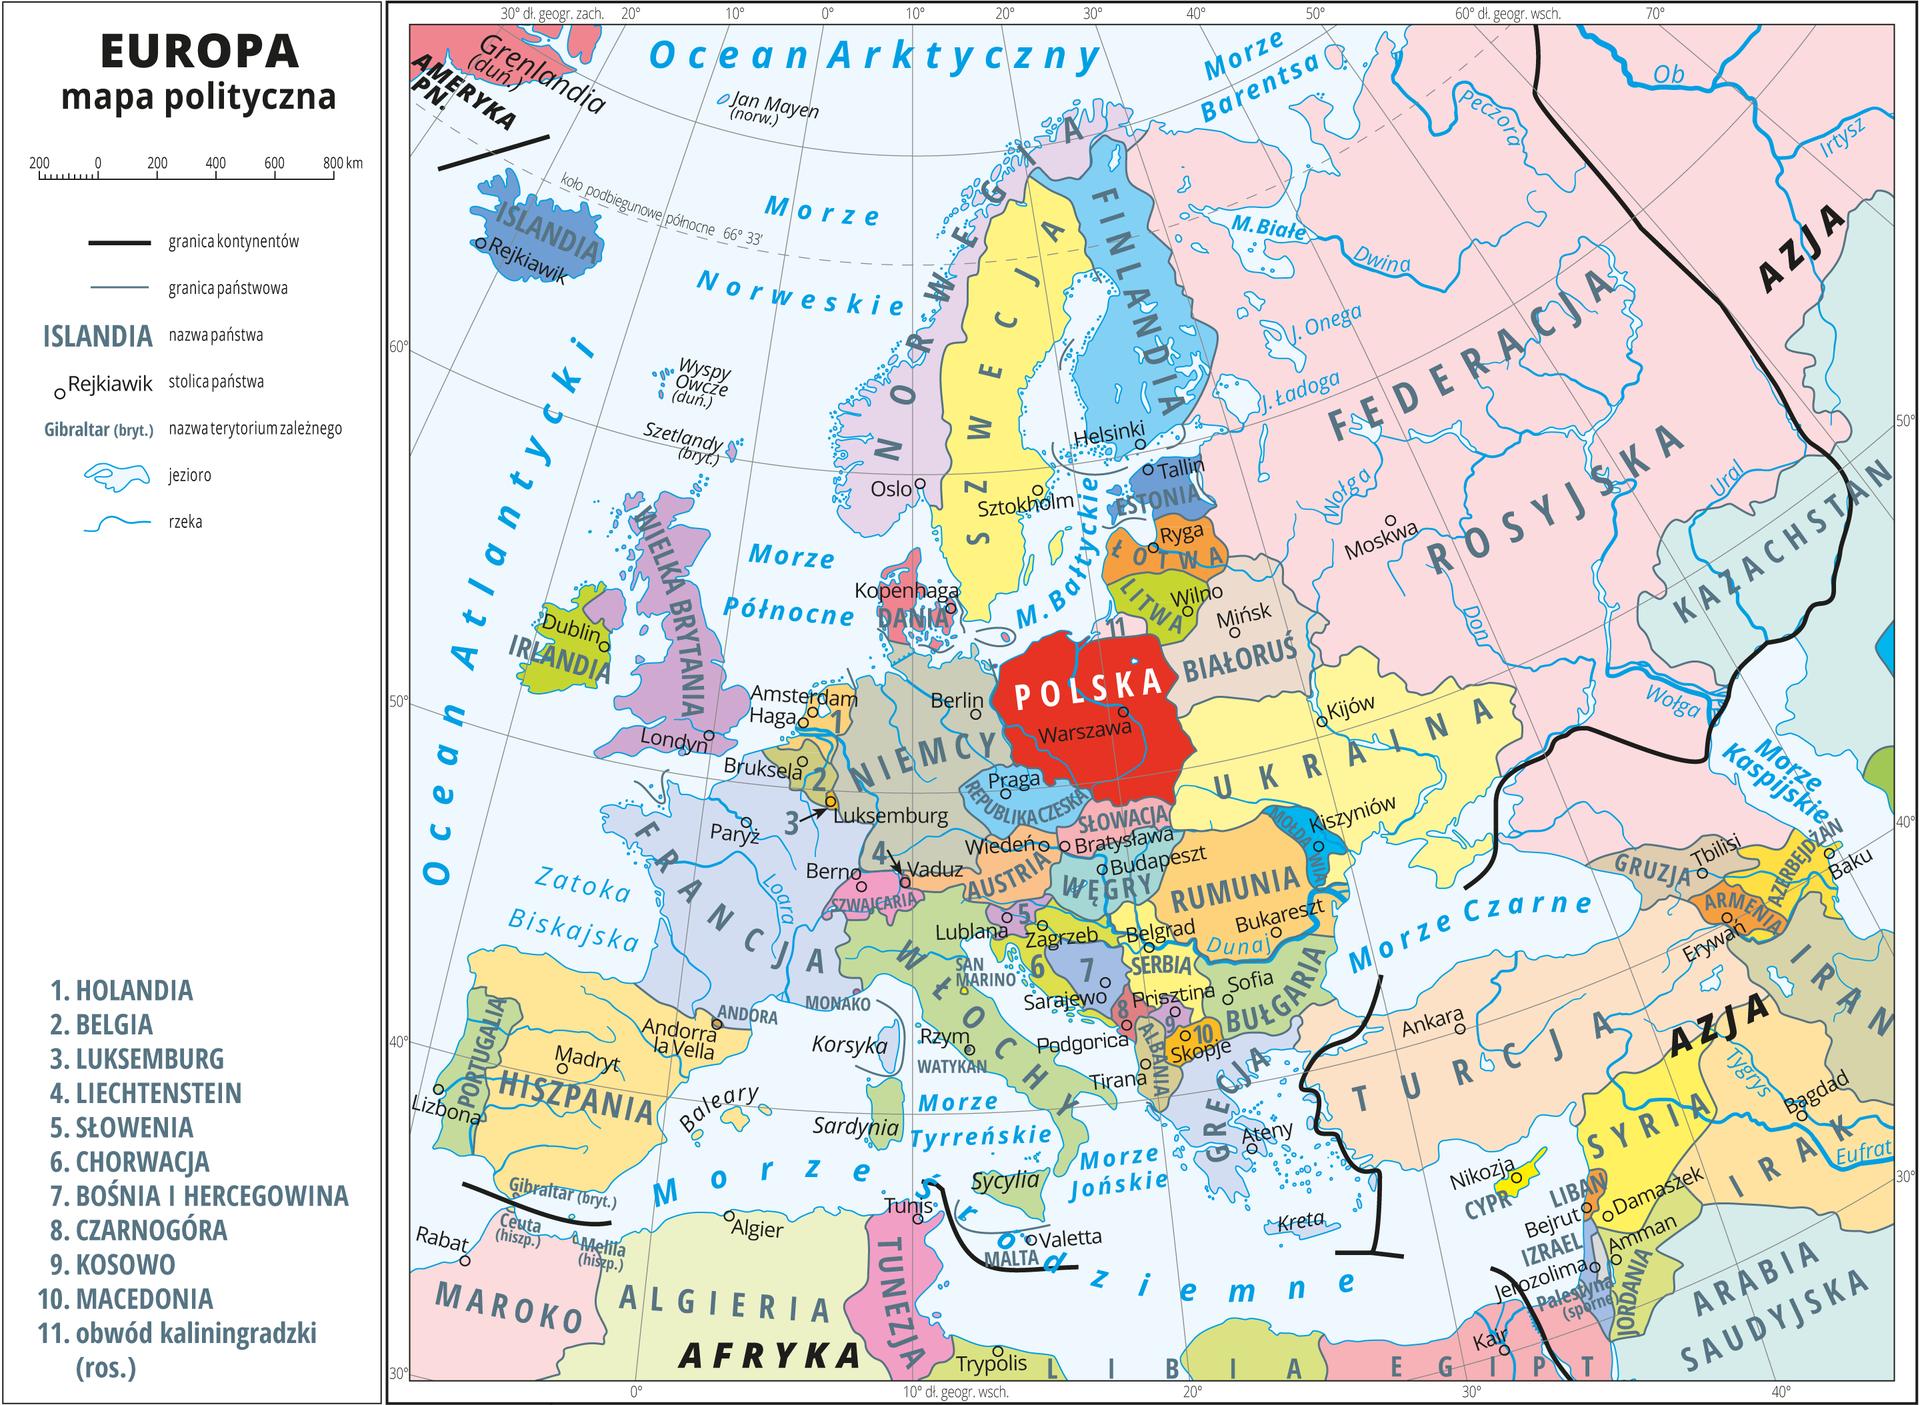 Ilustracja przedstawia mapę polityczną Europy. Państwa wyróżnione kolorami iopisane. Oznaczono iopisano stolice. Morza zaznaczono kolorem niebieskim iopisano. Mapa pokryta jest równoleżnikami ipołudnikami. Dookoła mapy wbiałej ramce opisano współrzędne geograficzne co dziesięć stopni.